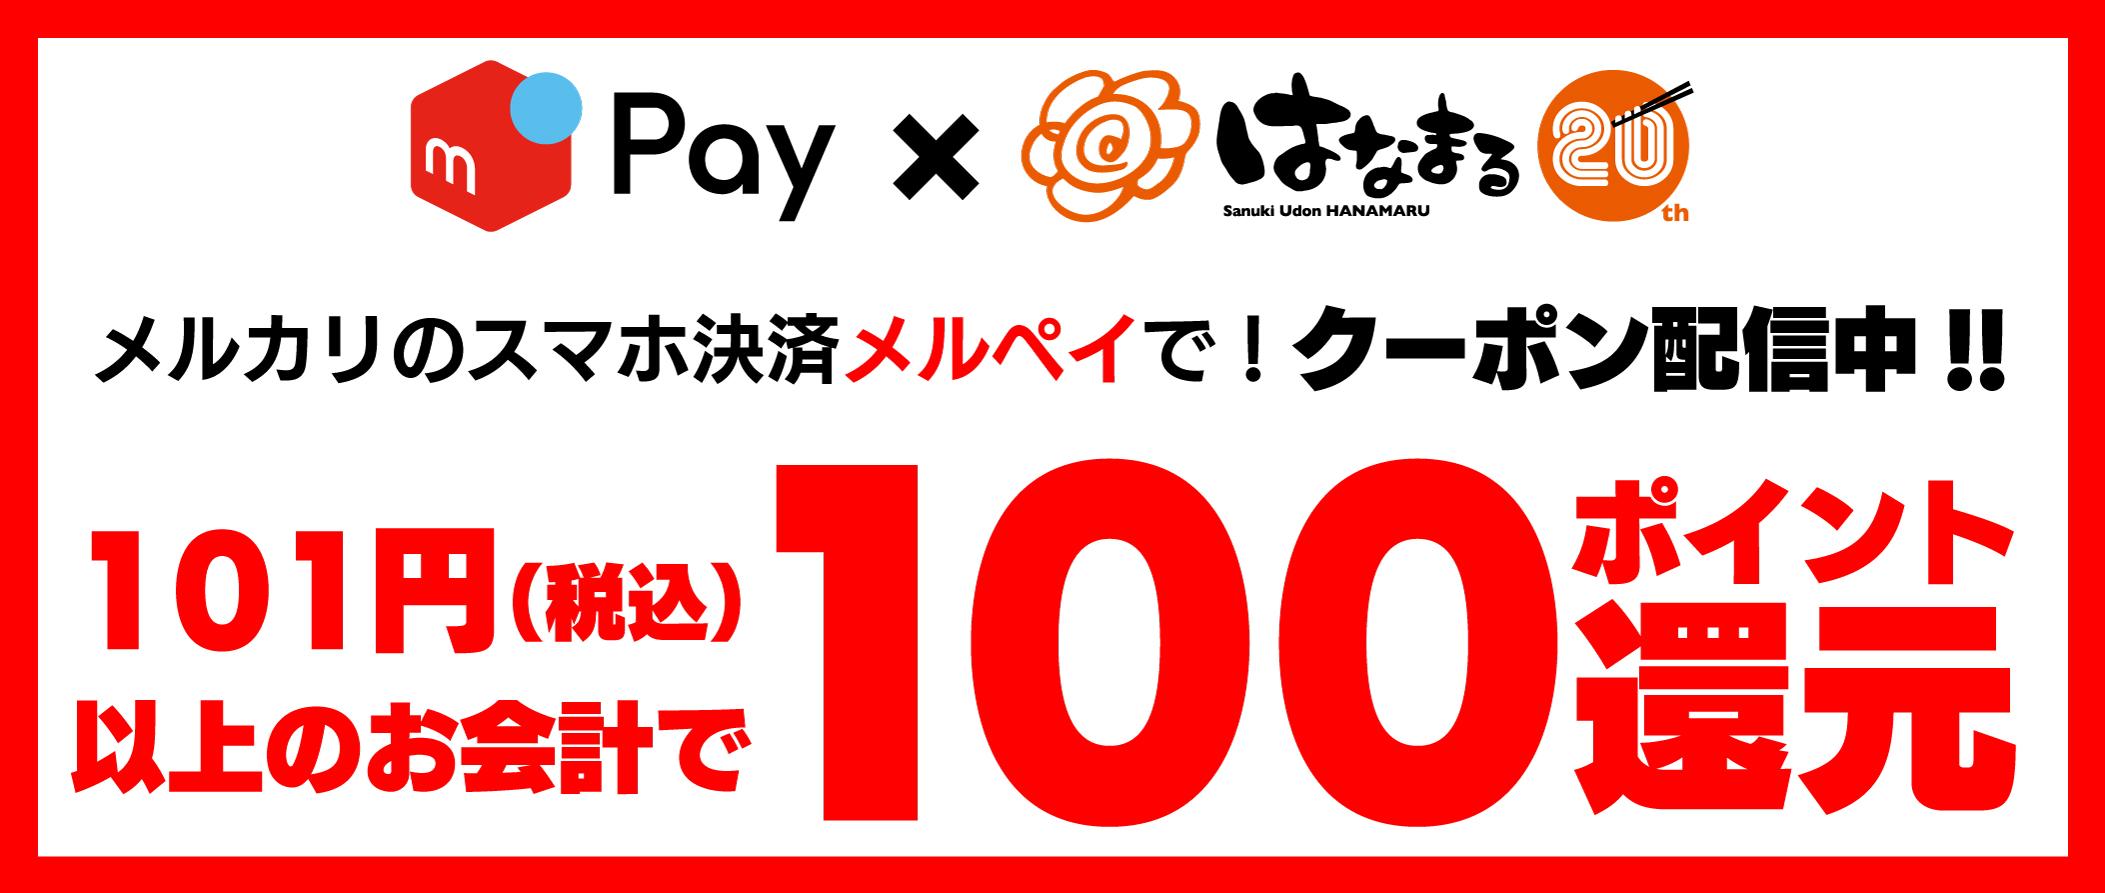 はなまる、「メルペイ」スマホ決済サービス導入!メルペイクーポンで100ポイント還元